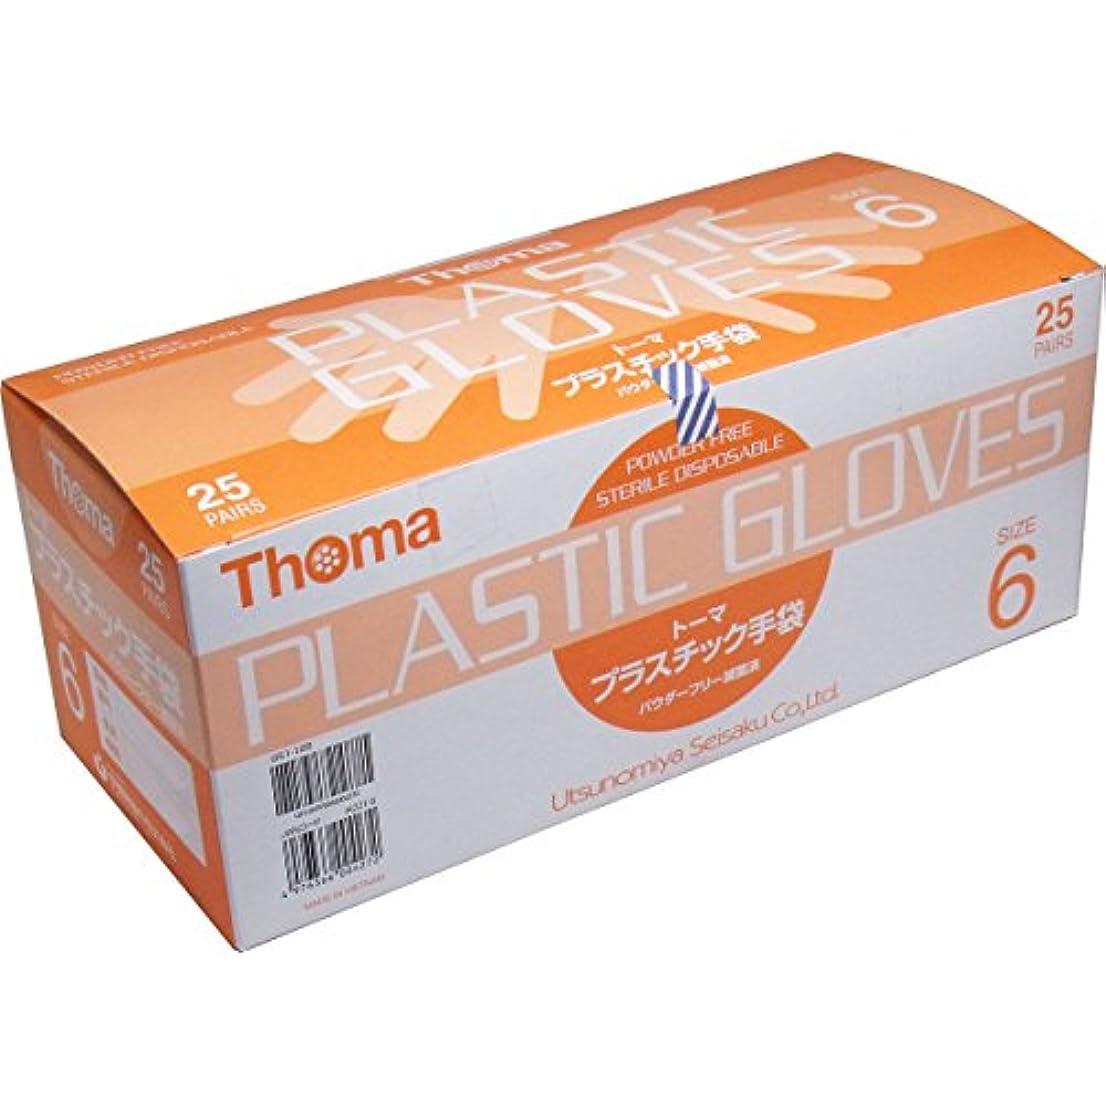 焦がす近代化するアパルトーマ プラスチック手袋 パウダーフリー滅菌済 25双入 サイズ6